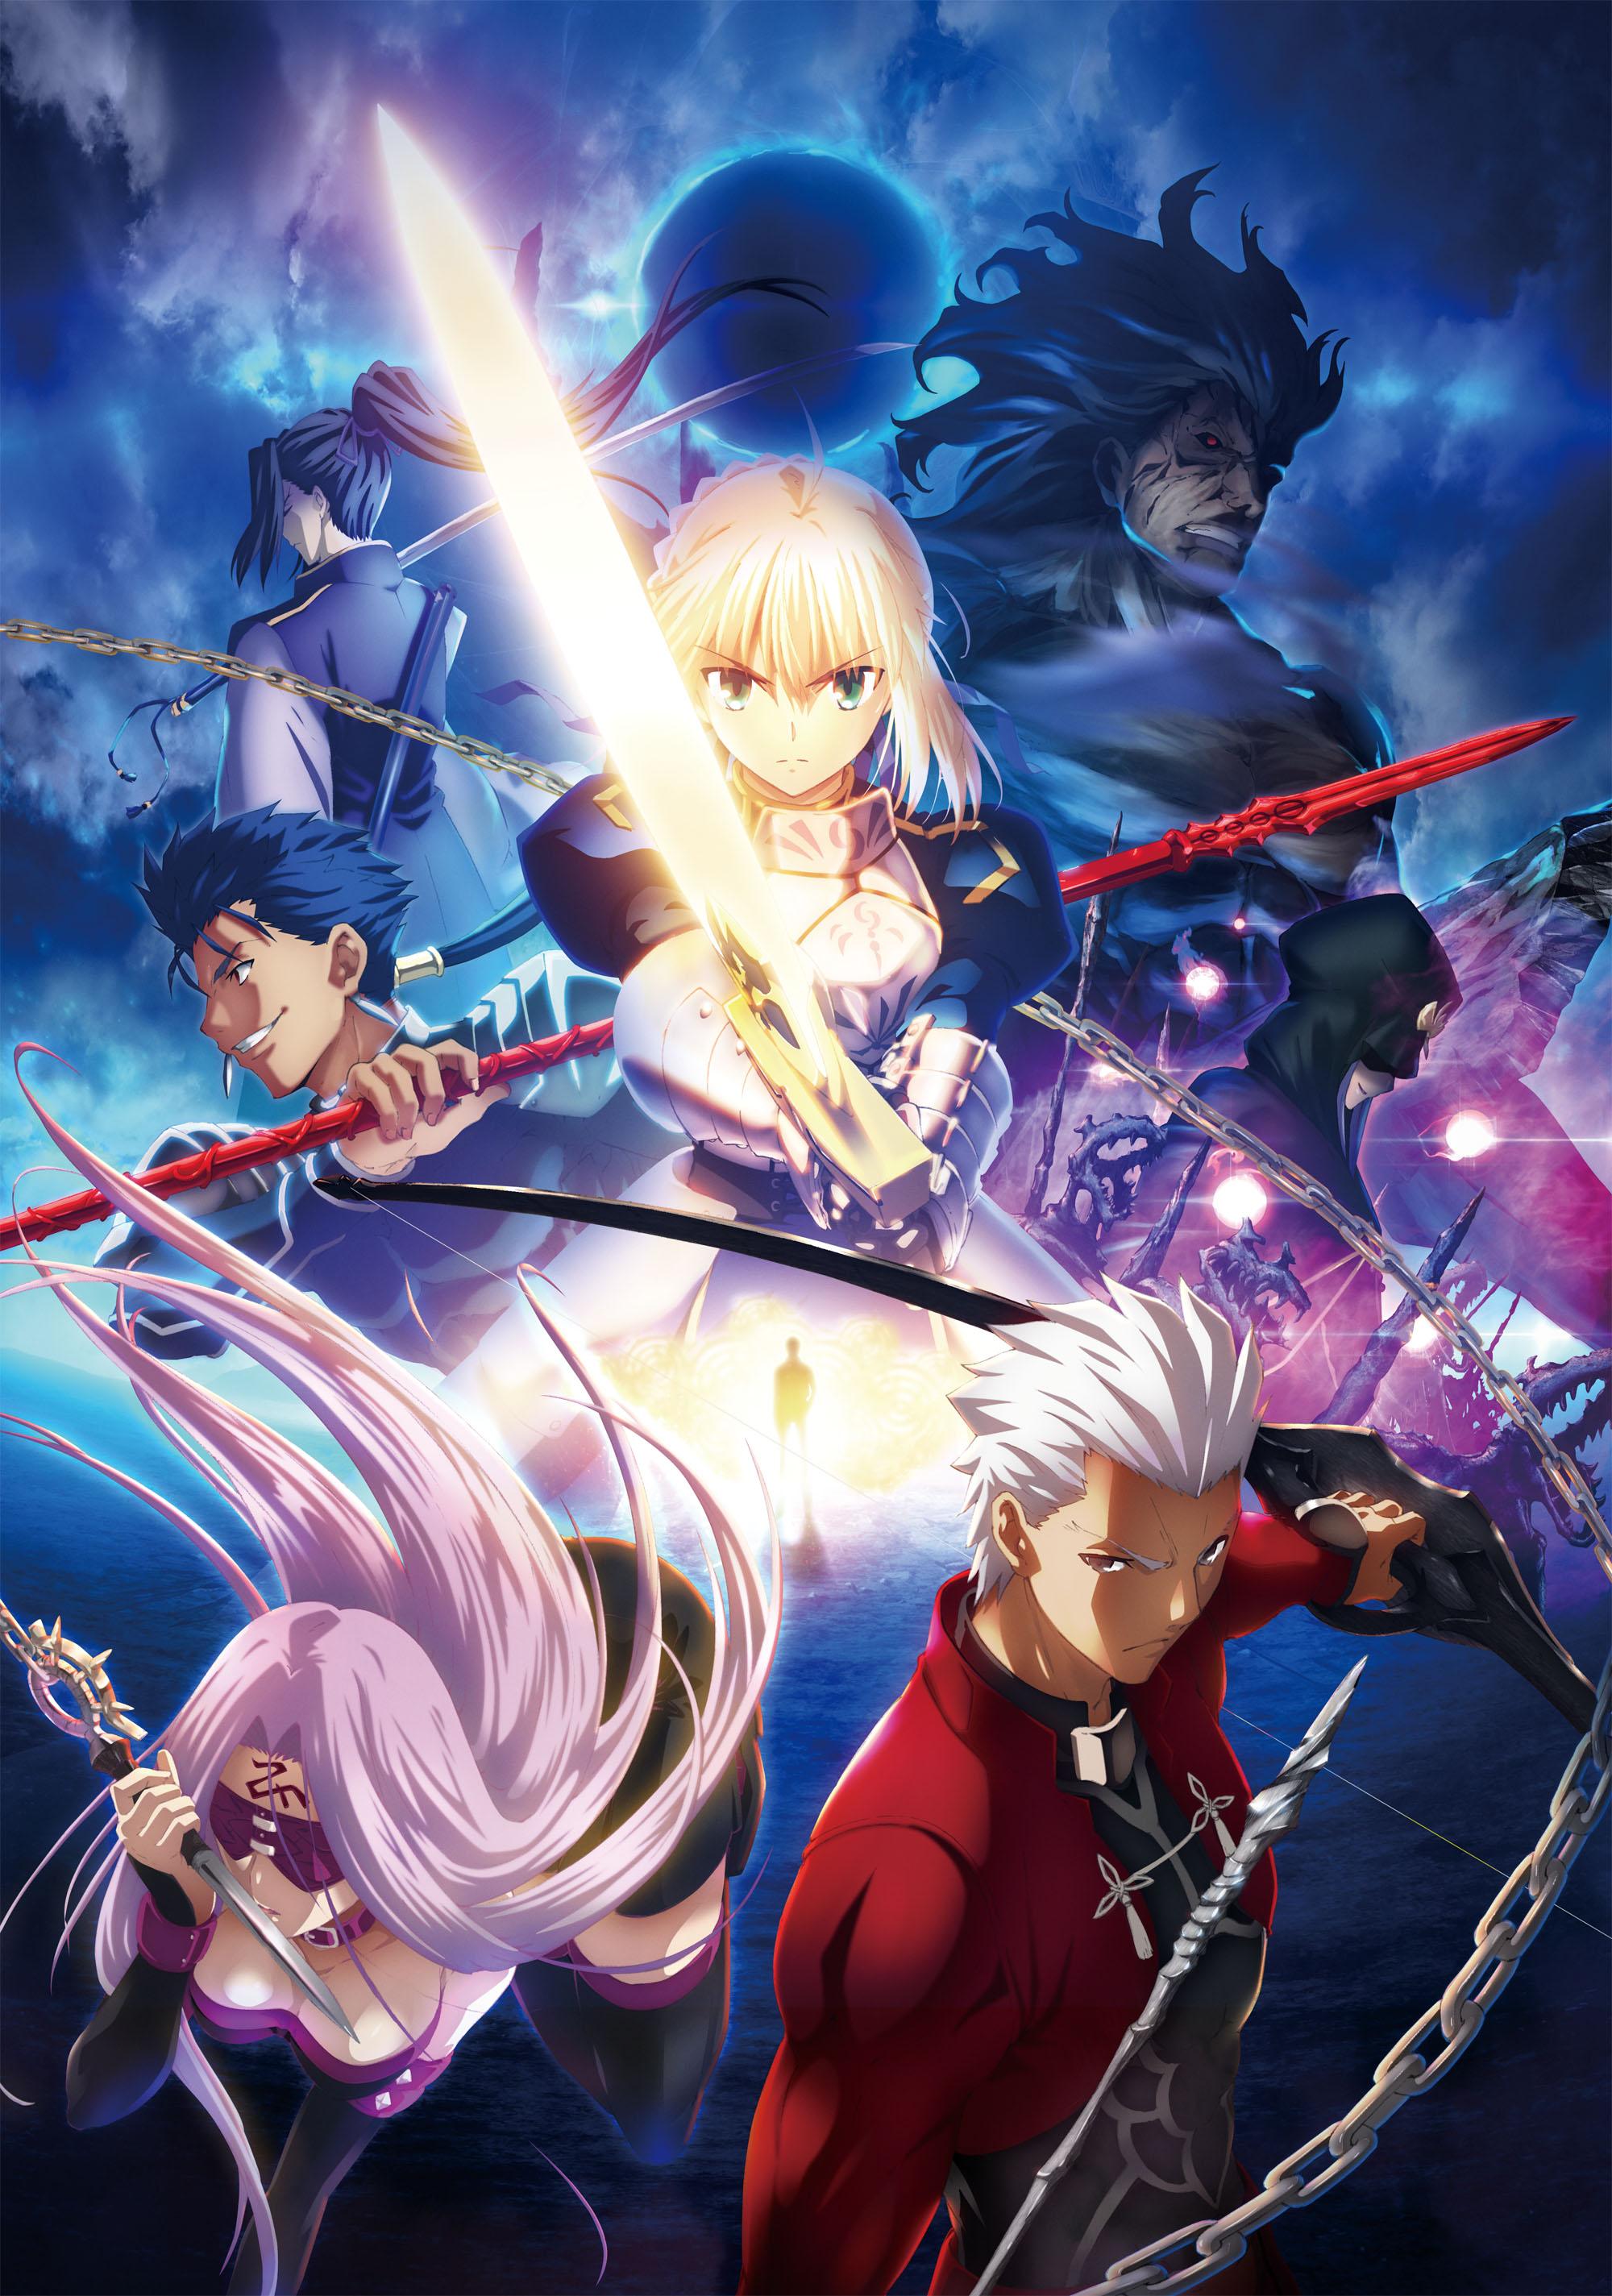 秋アニメ「Fate/stay night」の詳細が明らかに! ゲーム、劇場版との ...